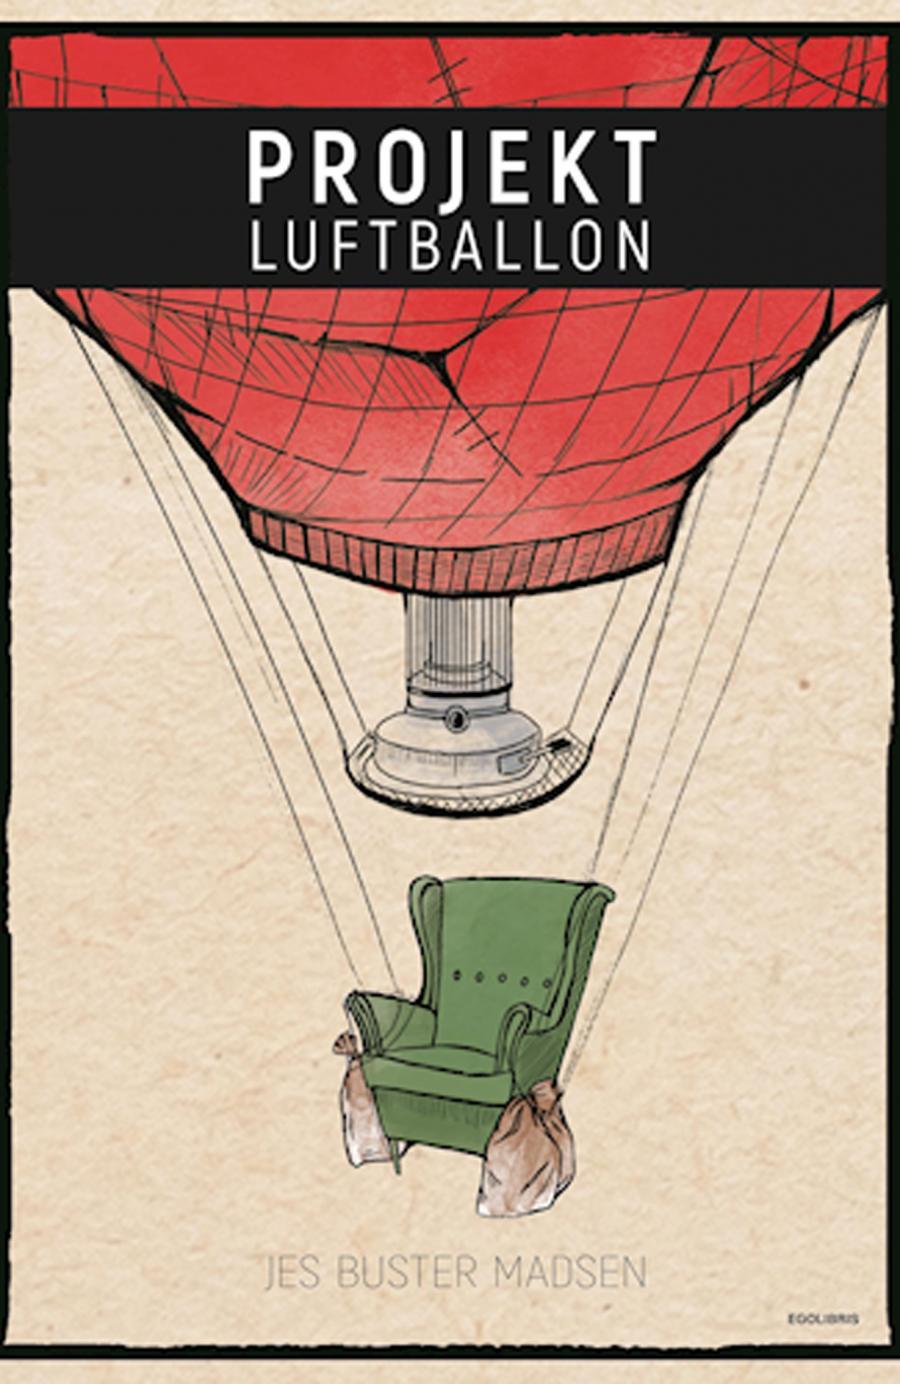 Projekt luftballon